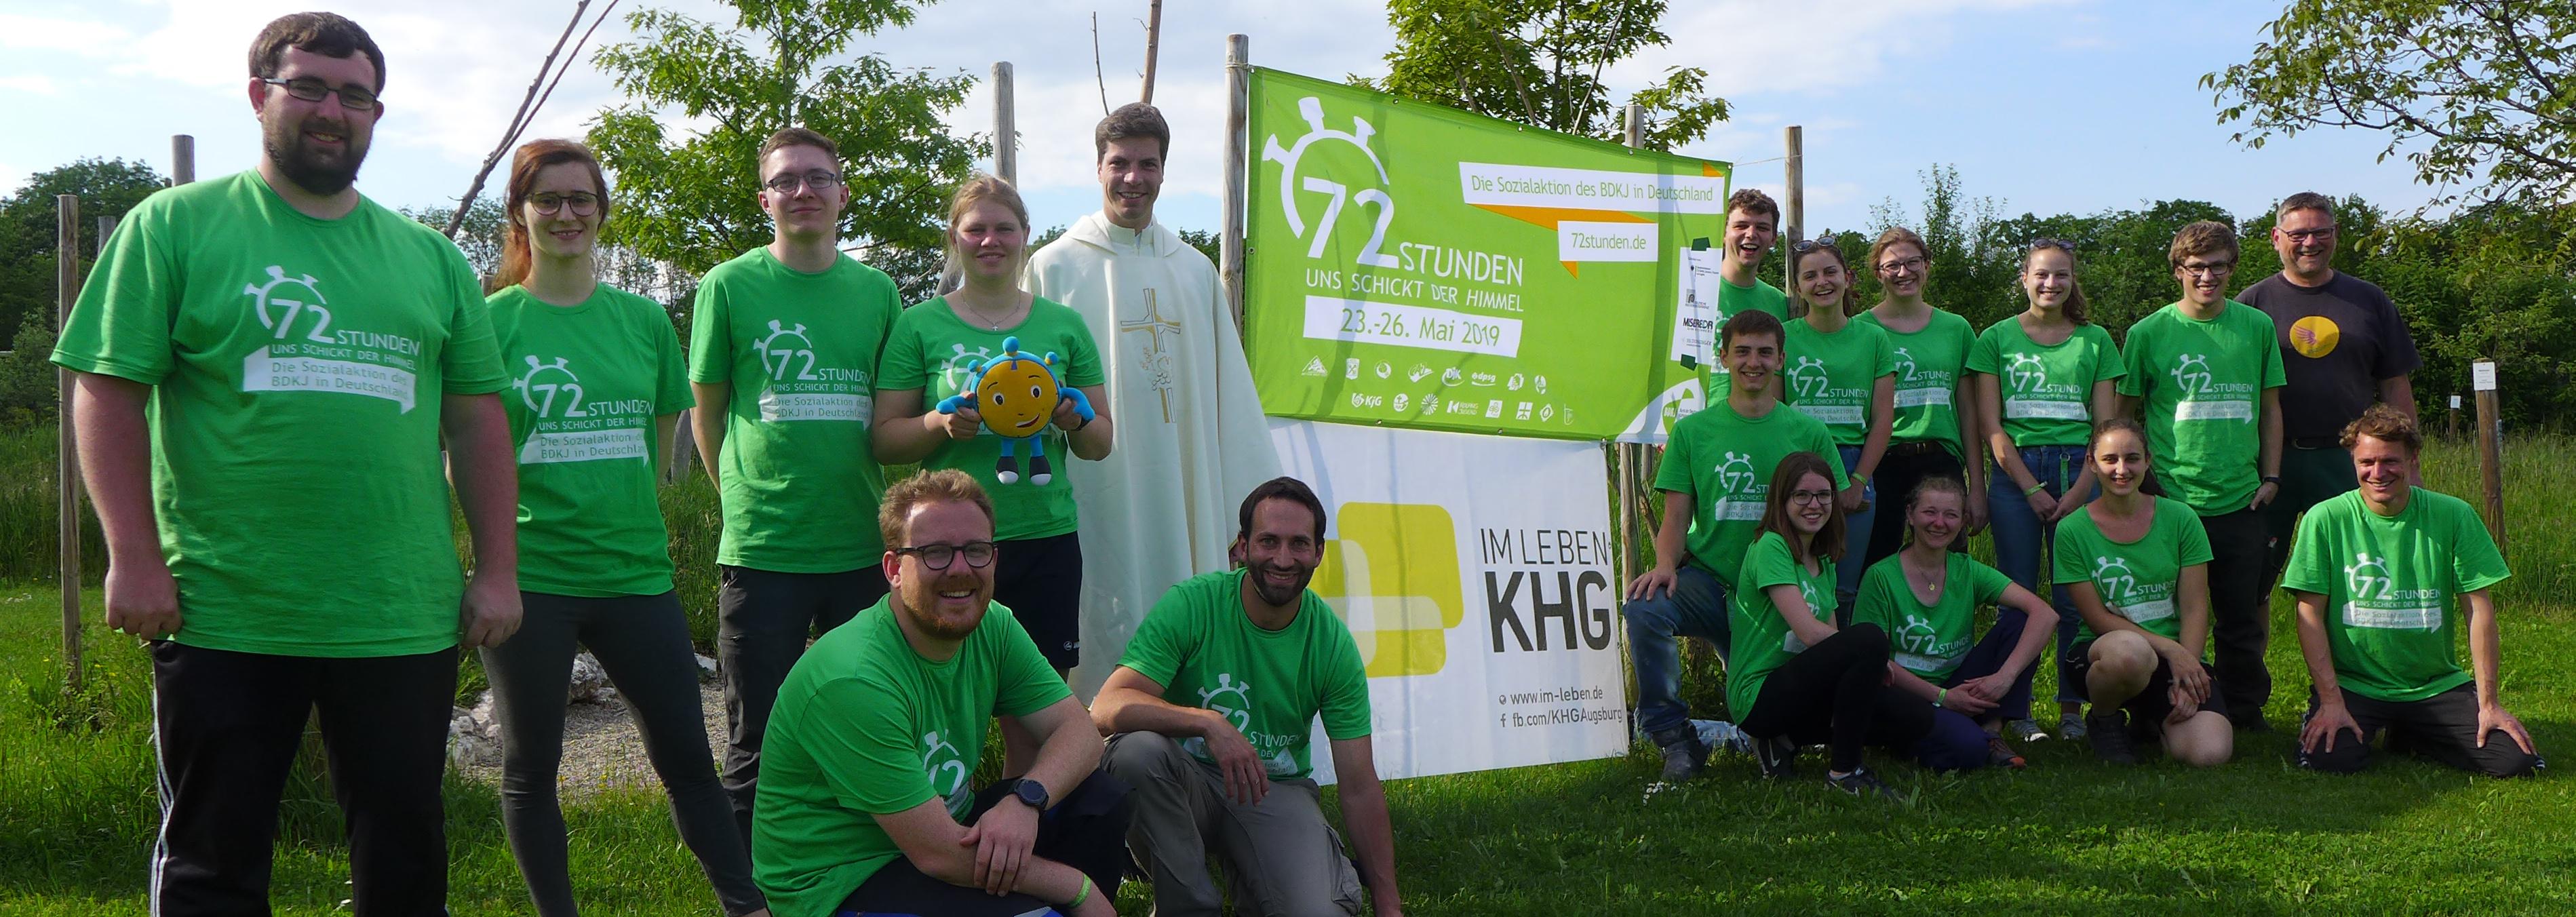 KHG-Team mit voller Energie bei 72-Stunden-Aktion